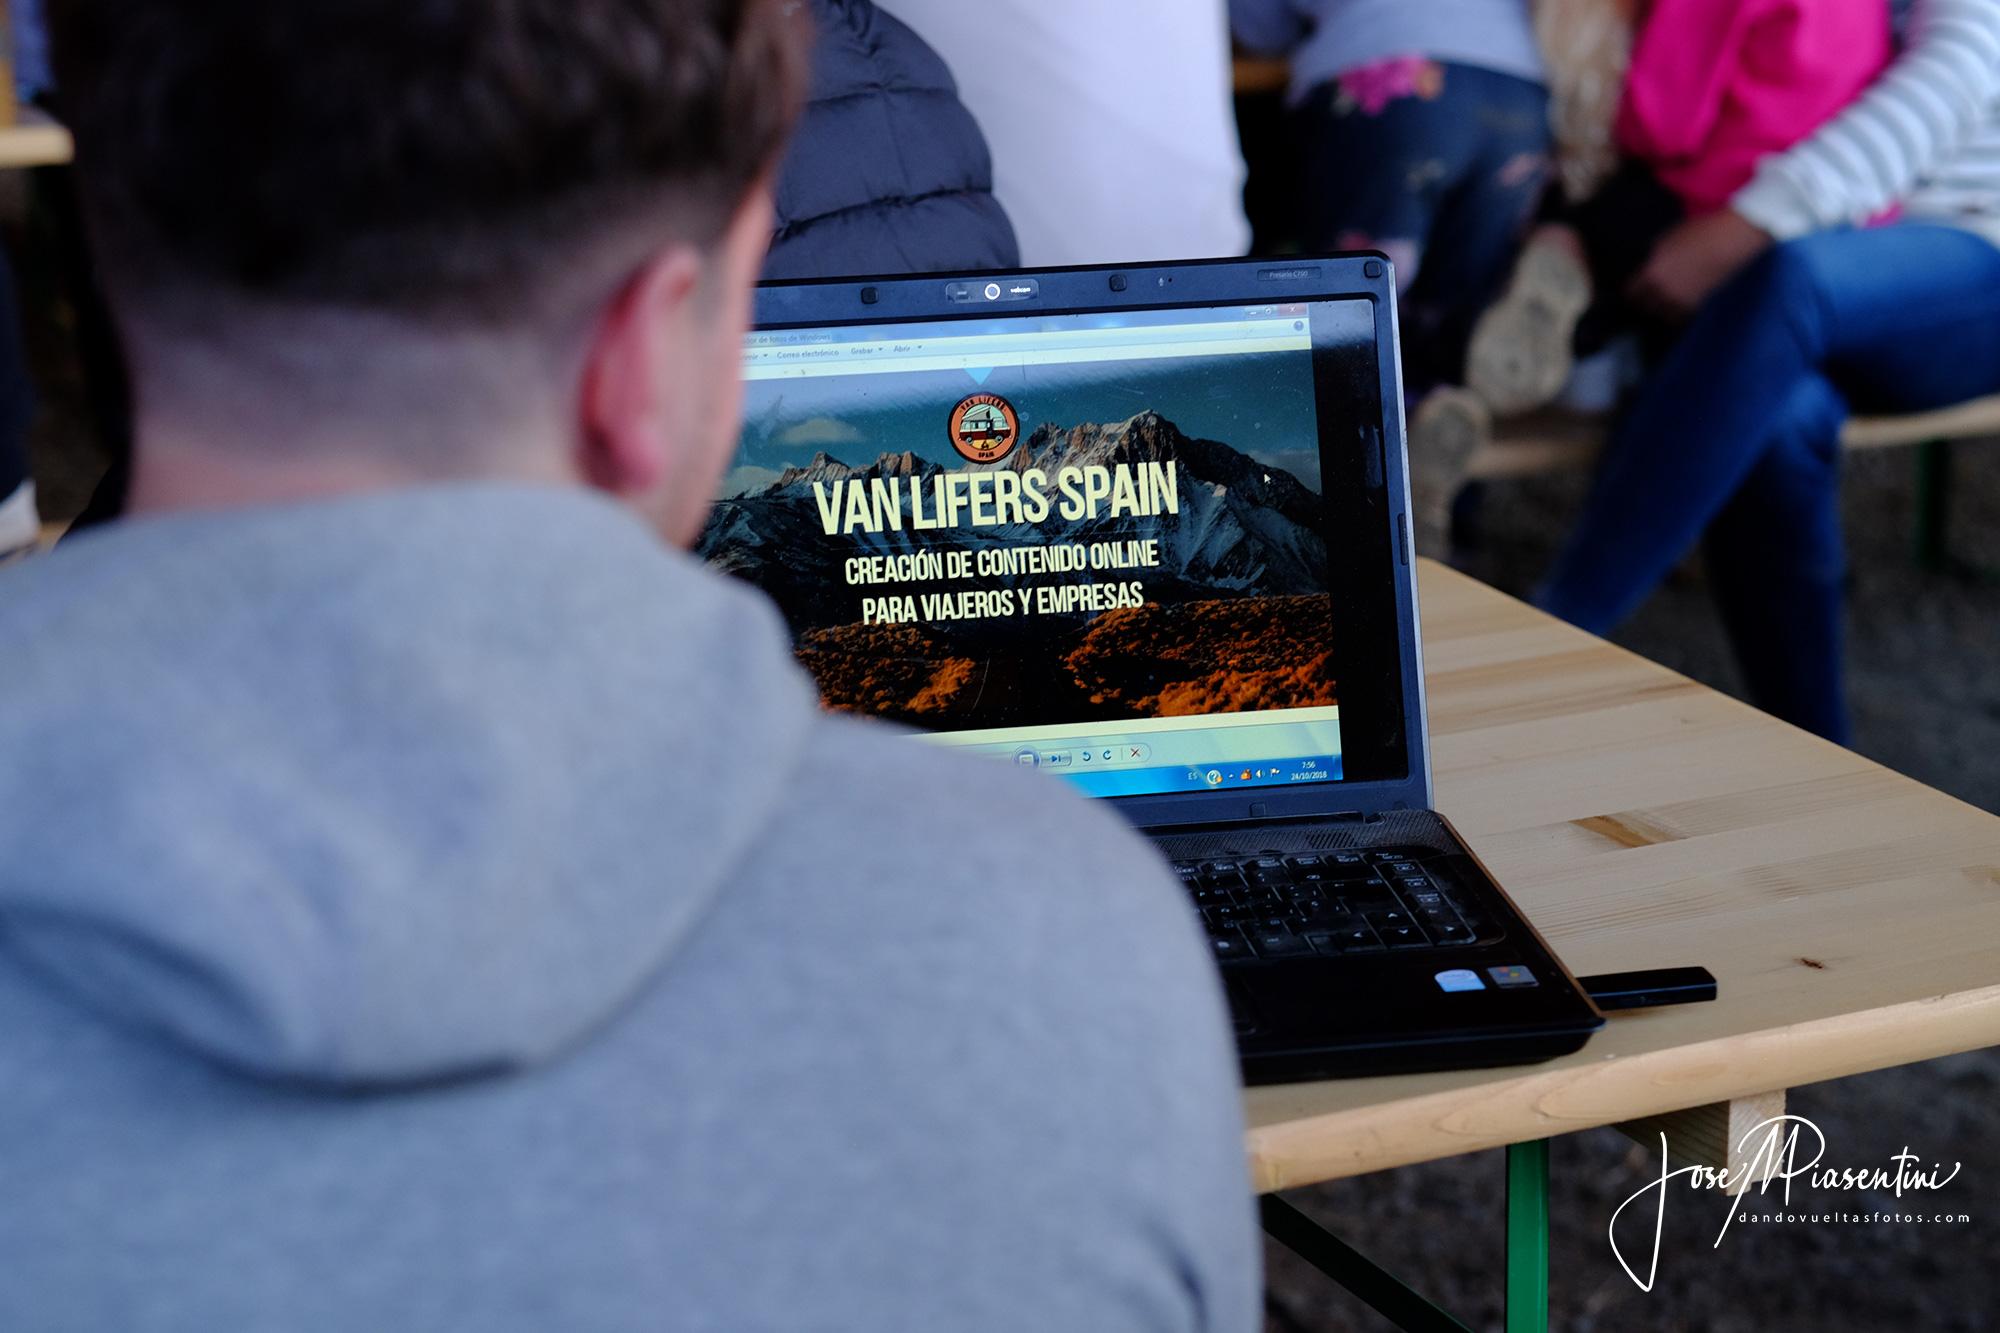 Van Lifers Spain